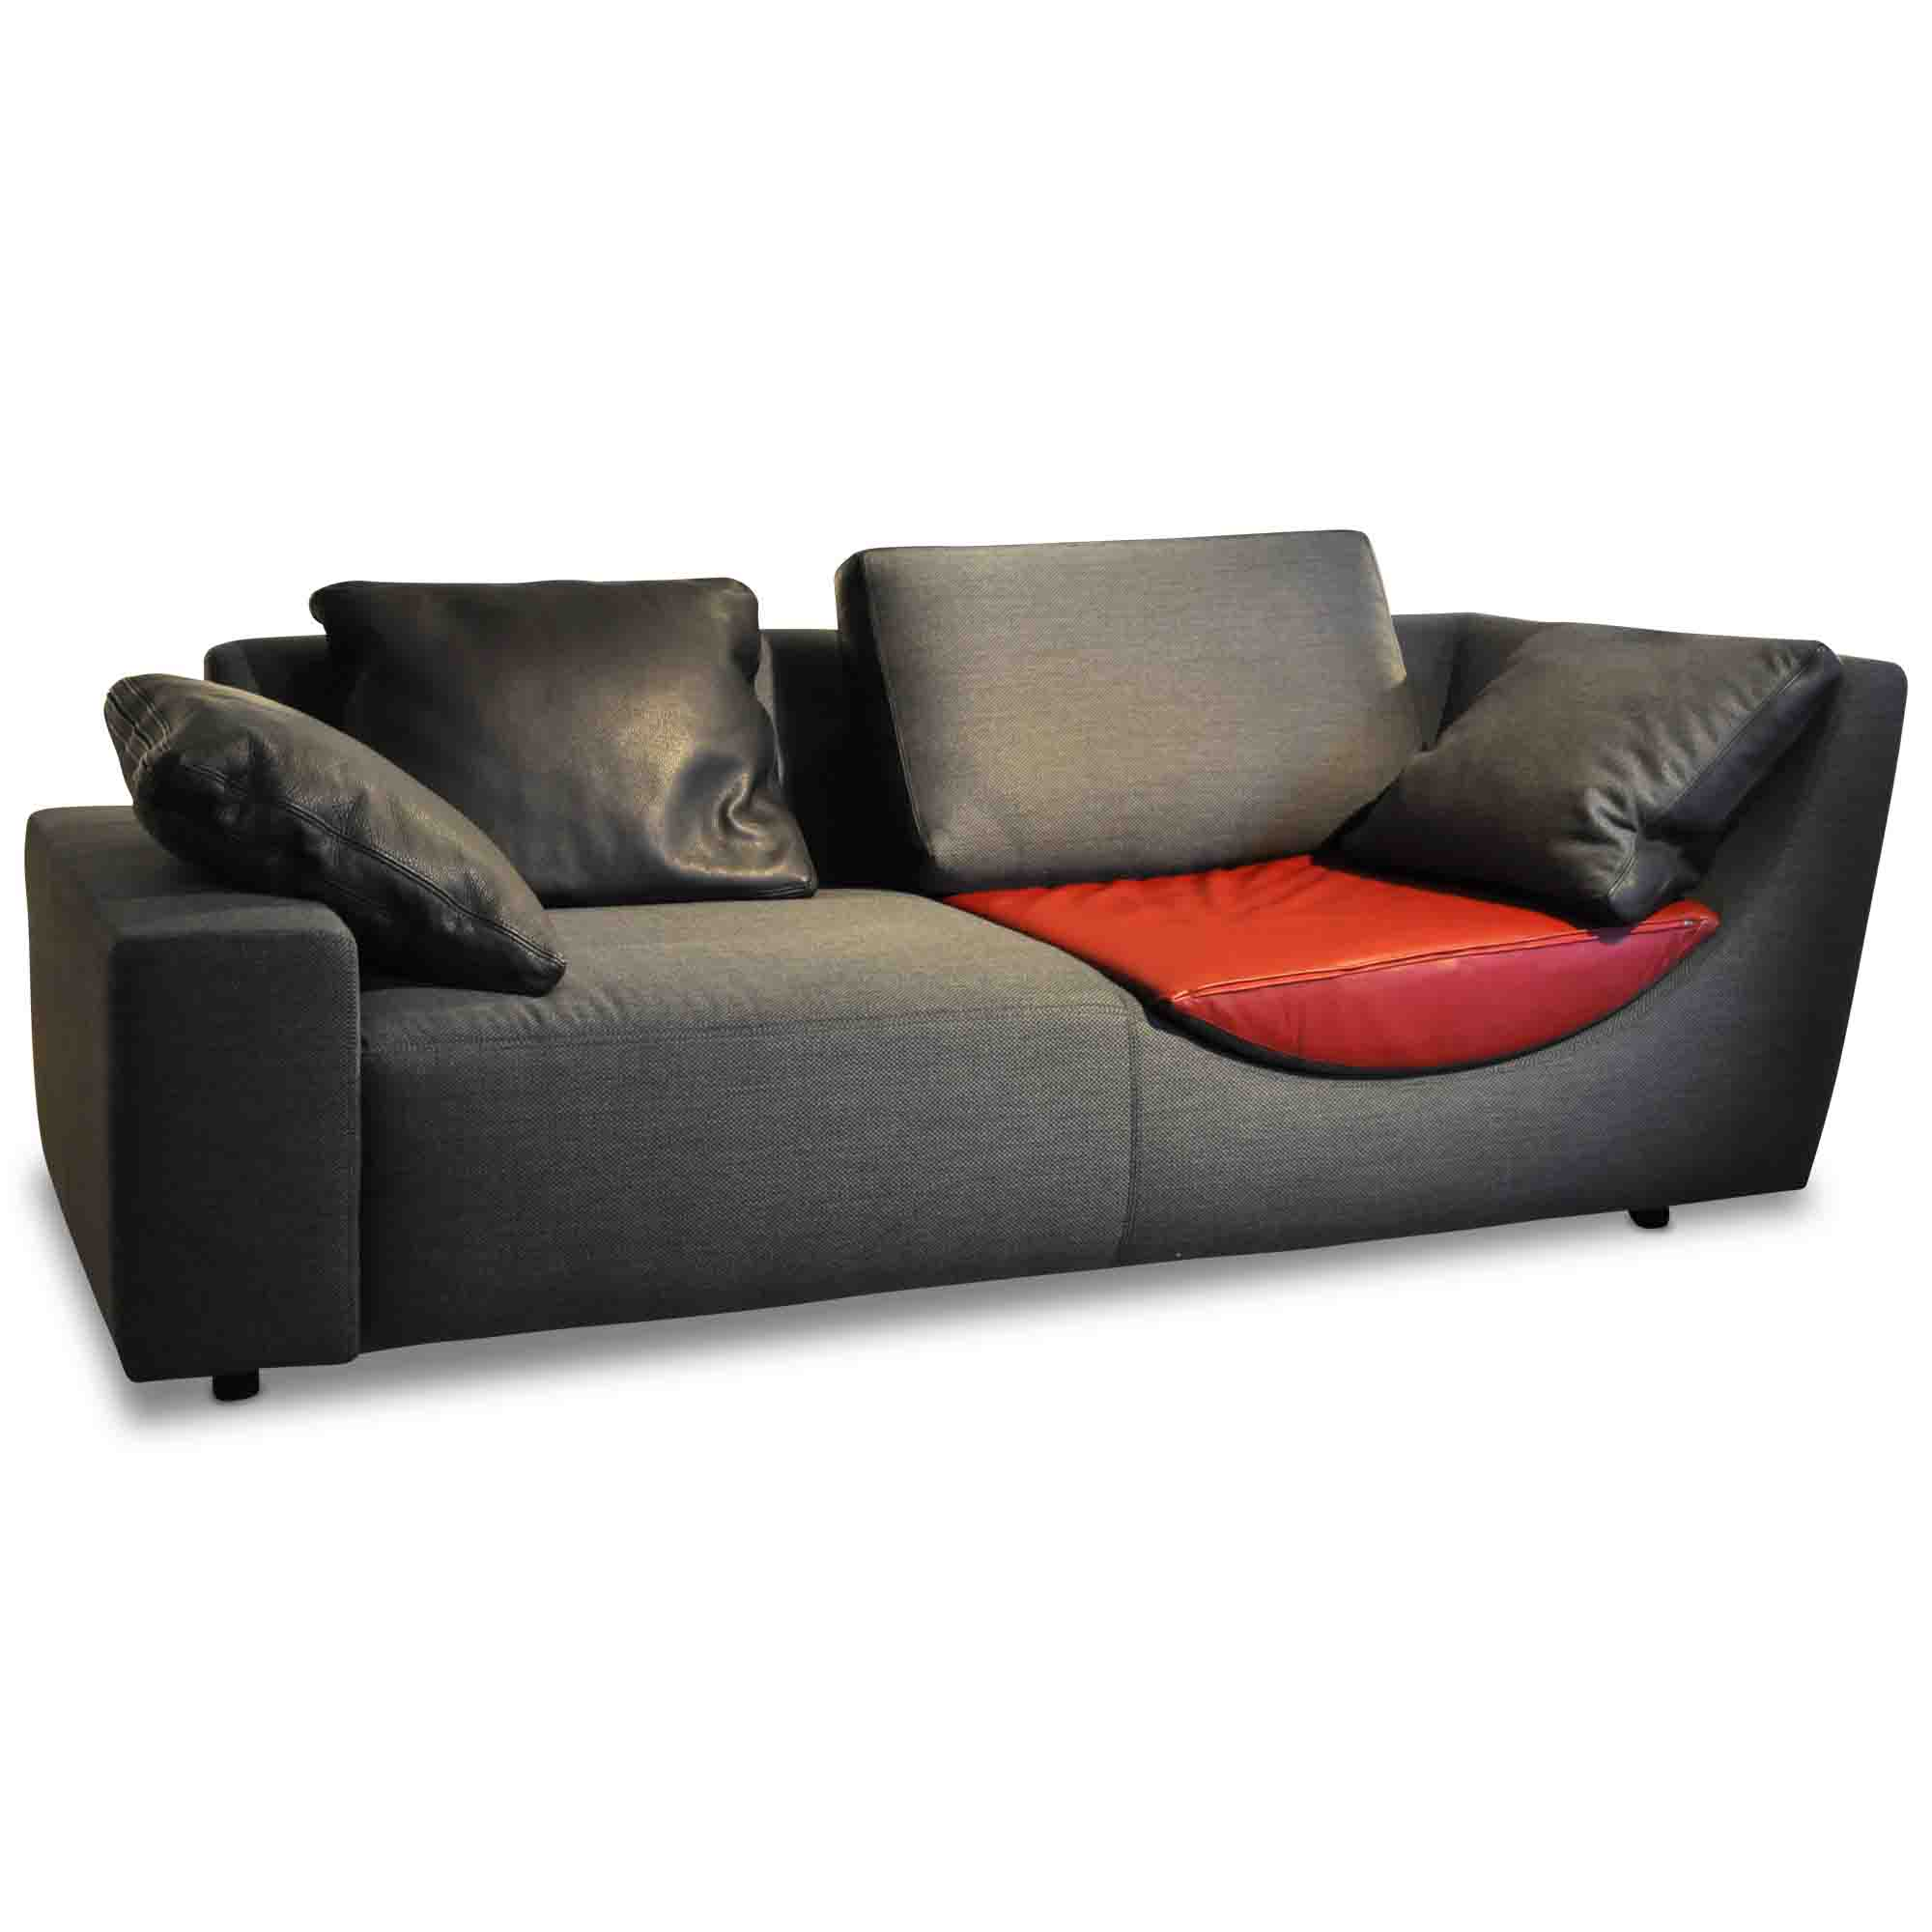 Sofa Wave Mit Losem Sitzkissen Werther Sessel Gunstig Kaufen Mobelfirst